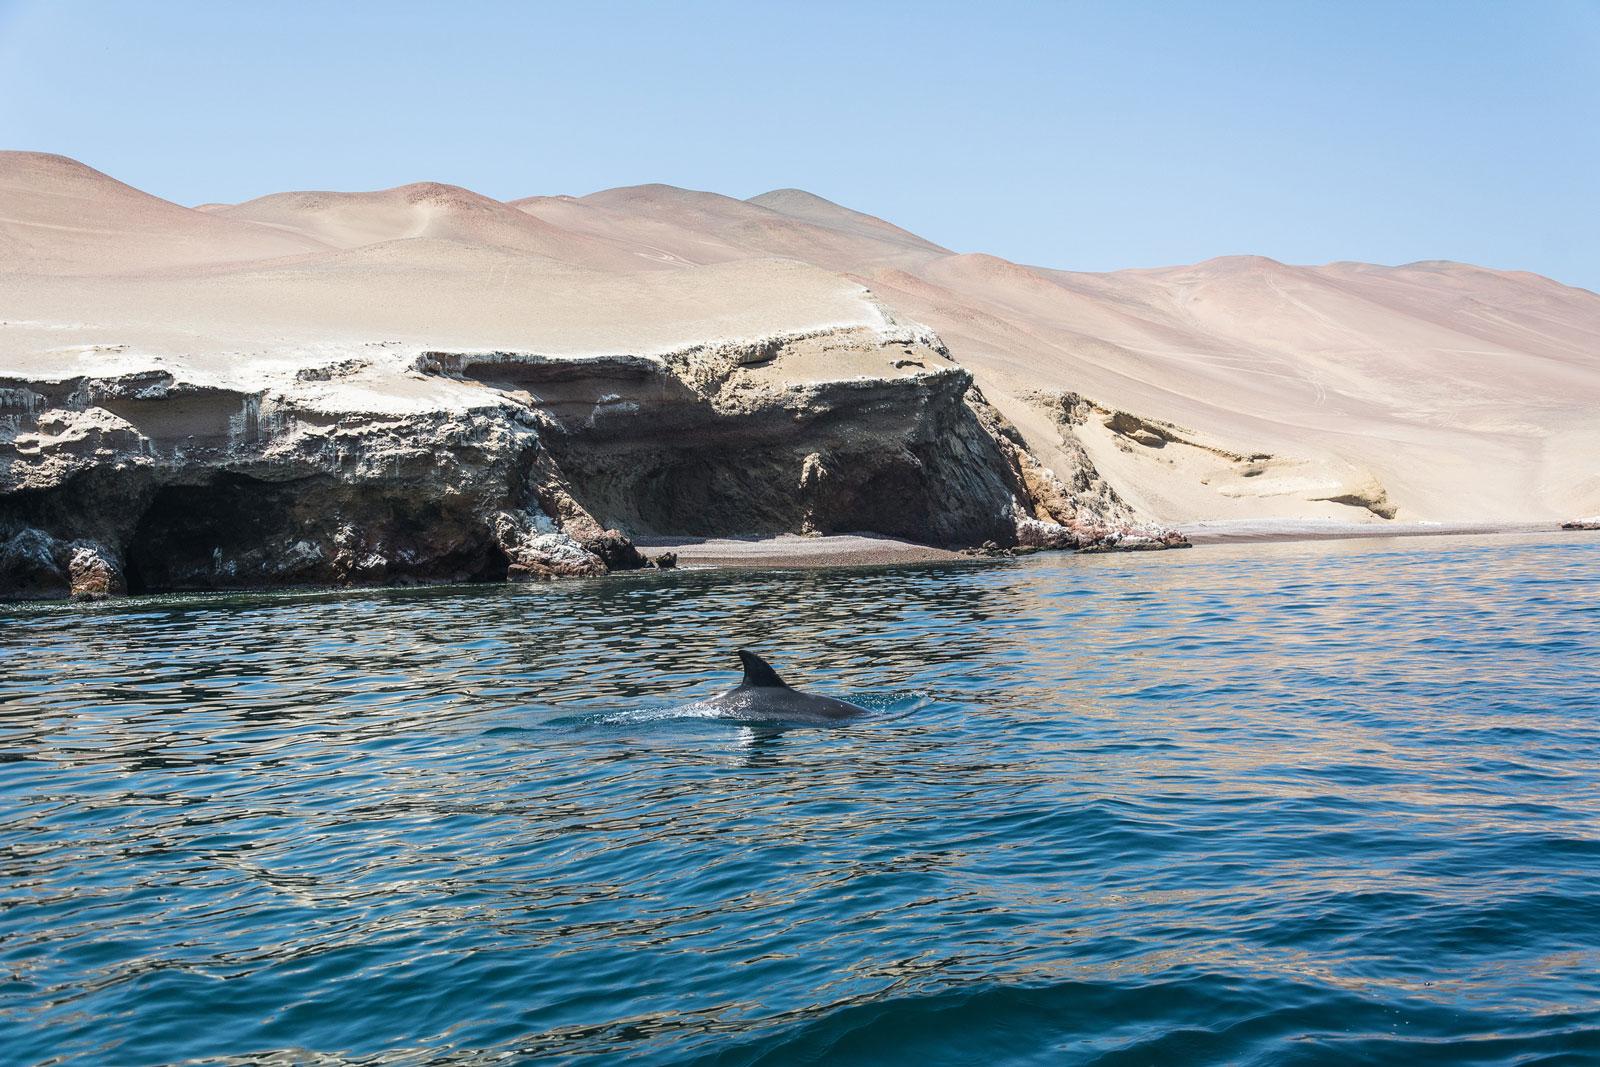 paracas ballestas dauphin